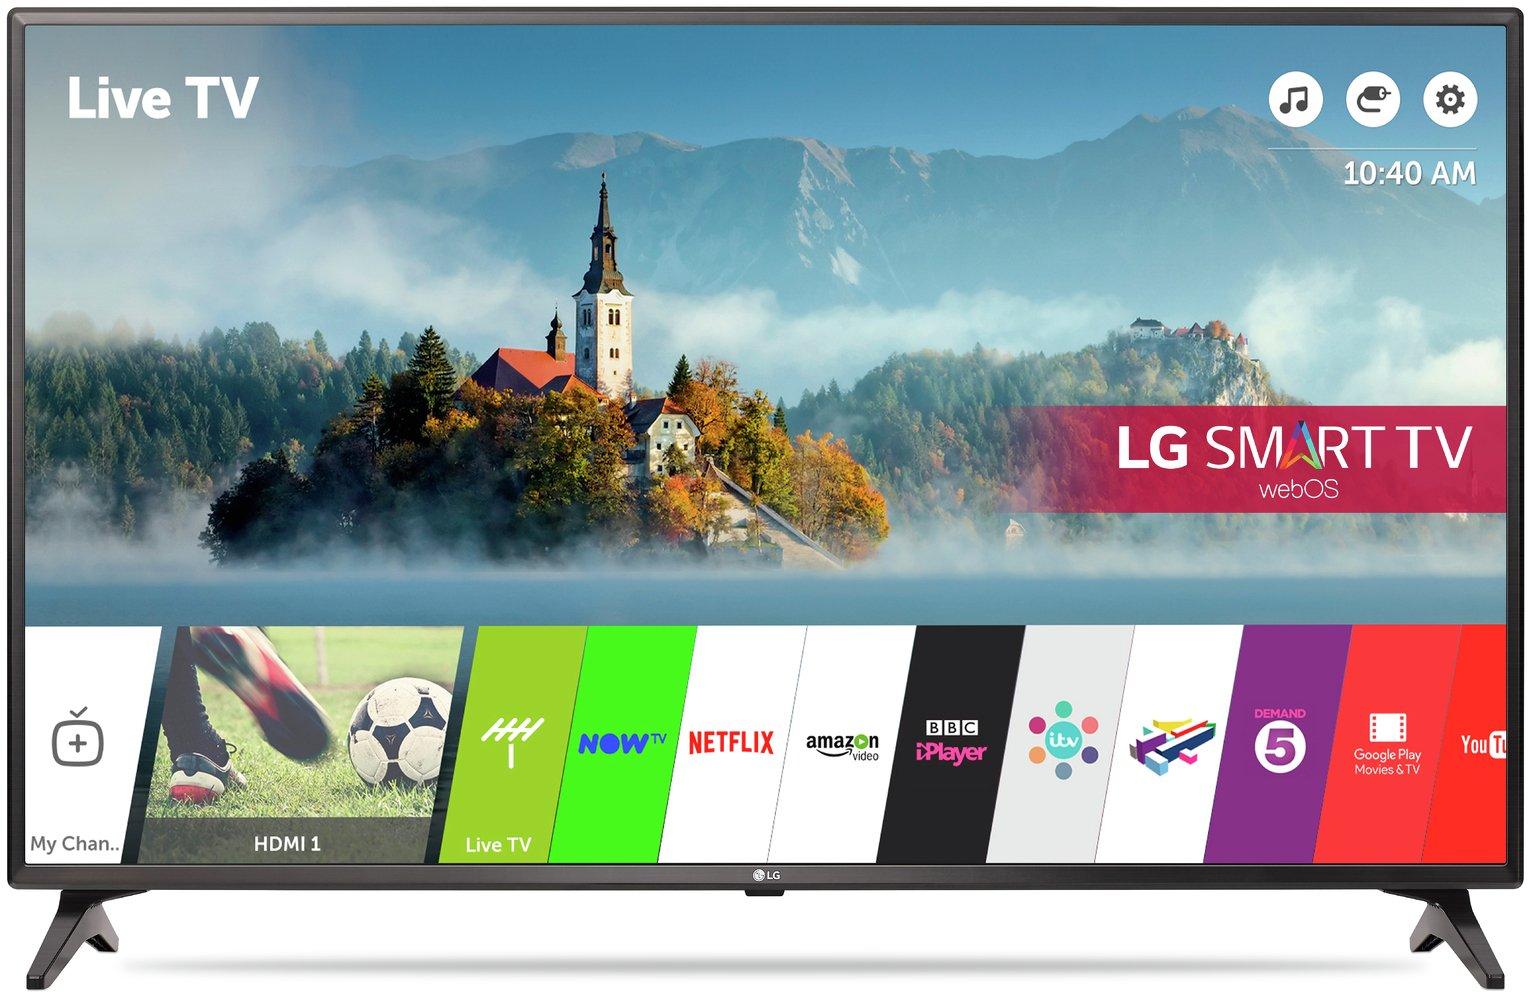 LG 49LJ614V 49 Inch Smart Full HD TV